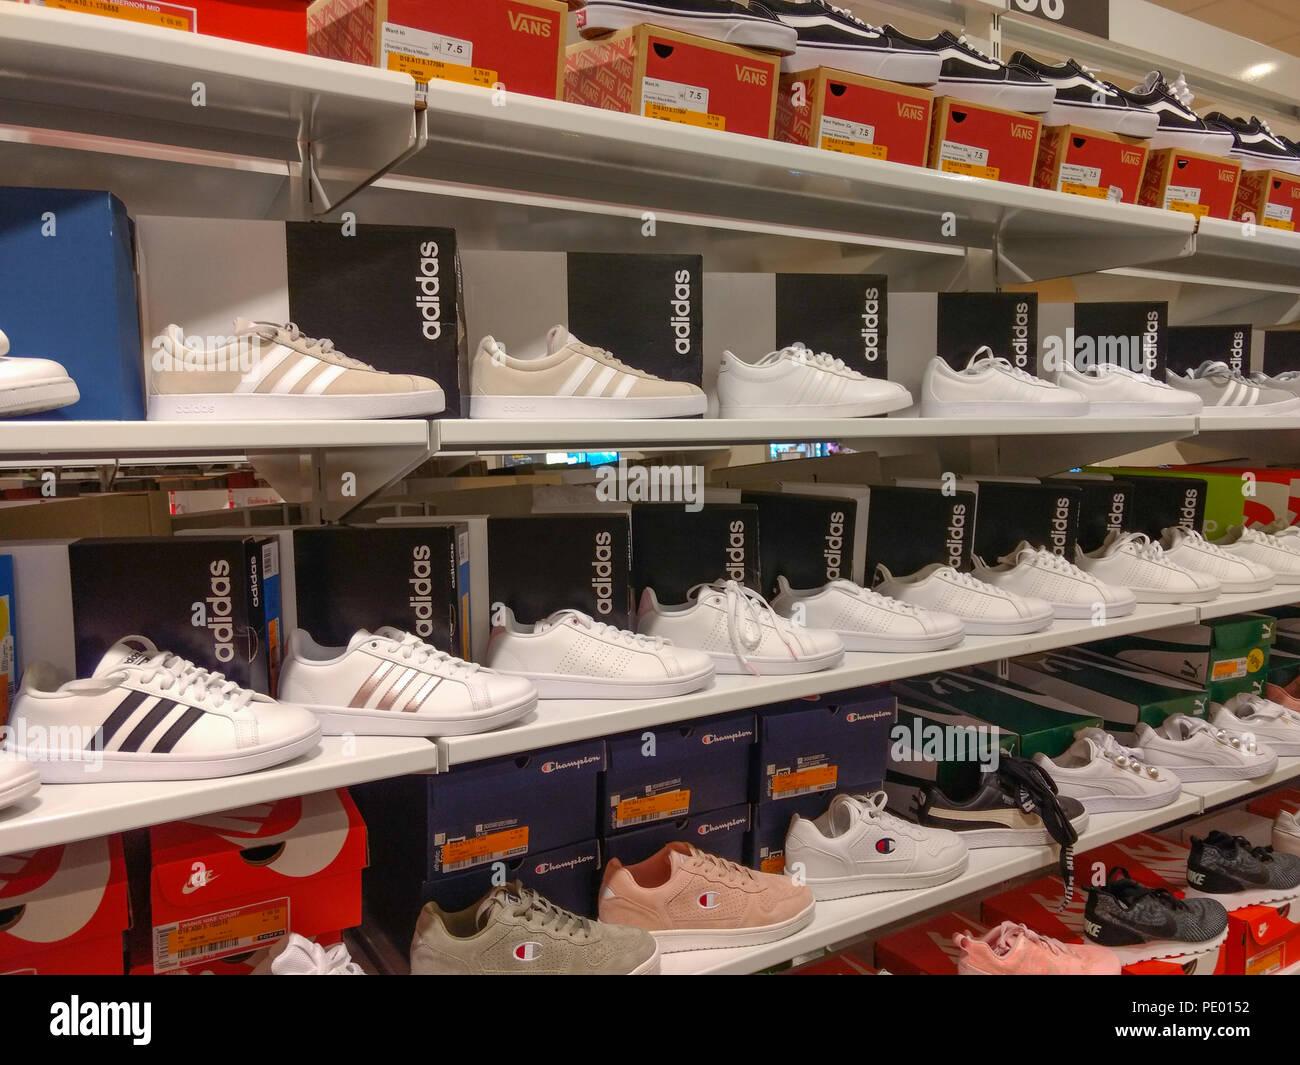 White scarpe Adidas visualizzati su scaffali in negozio